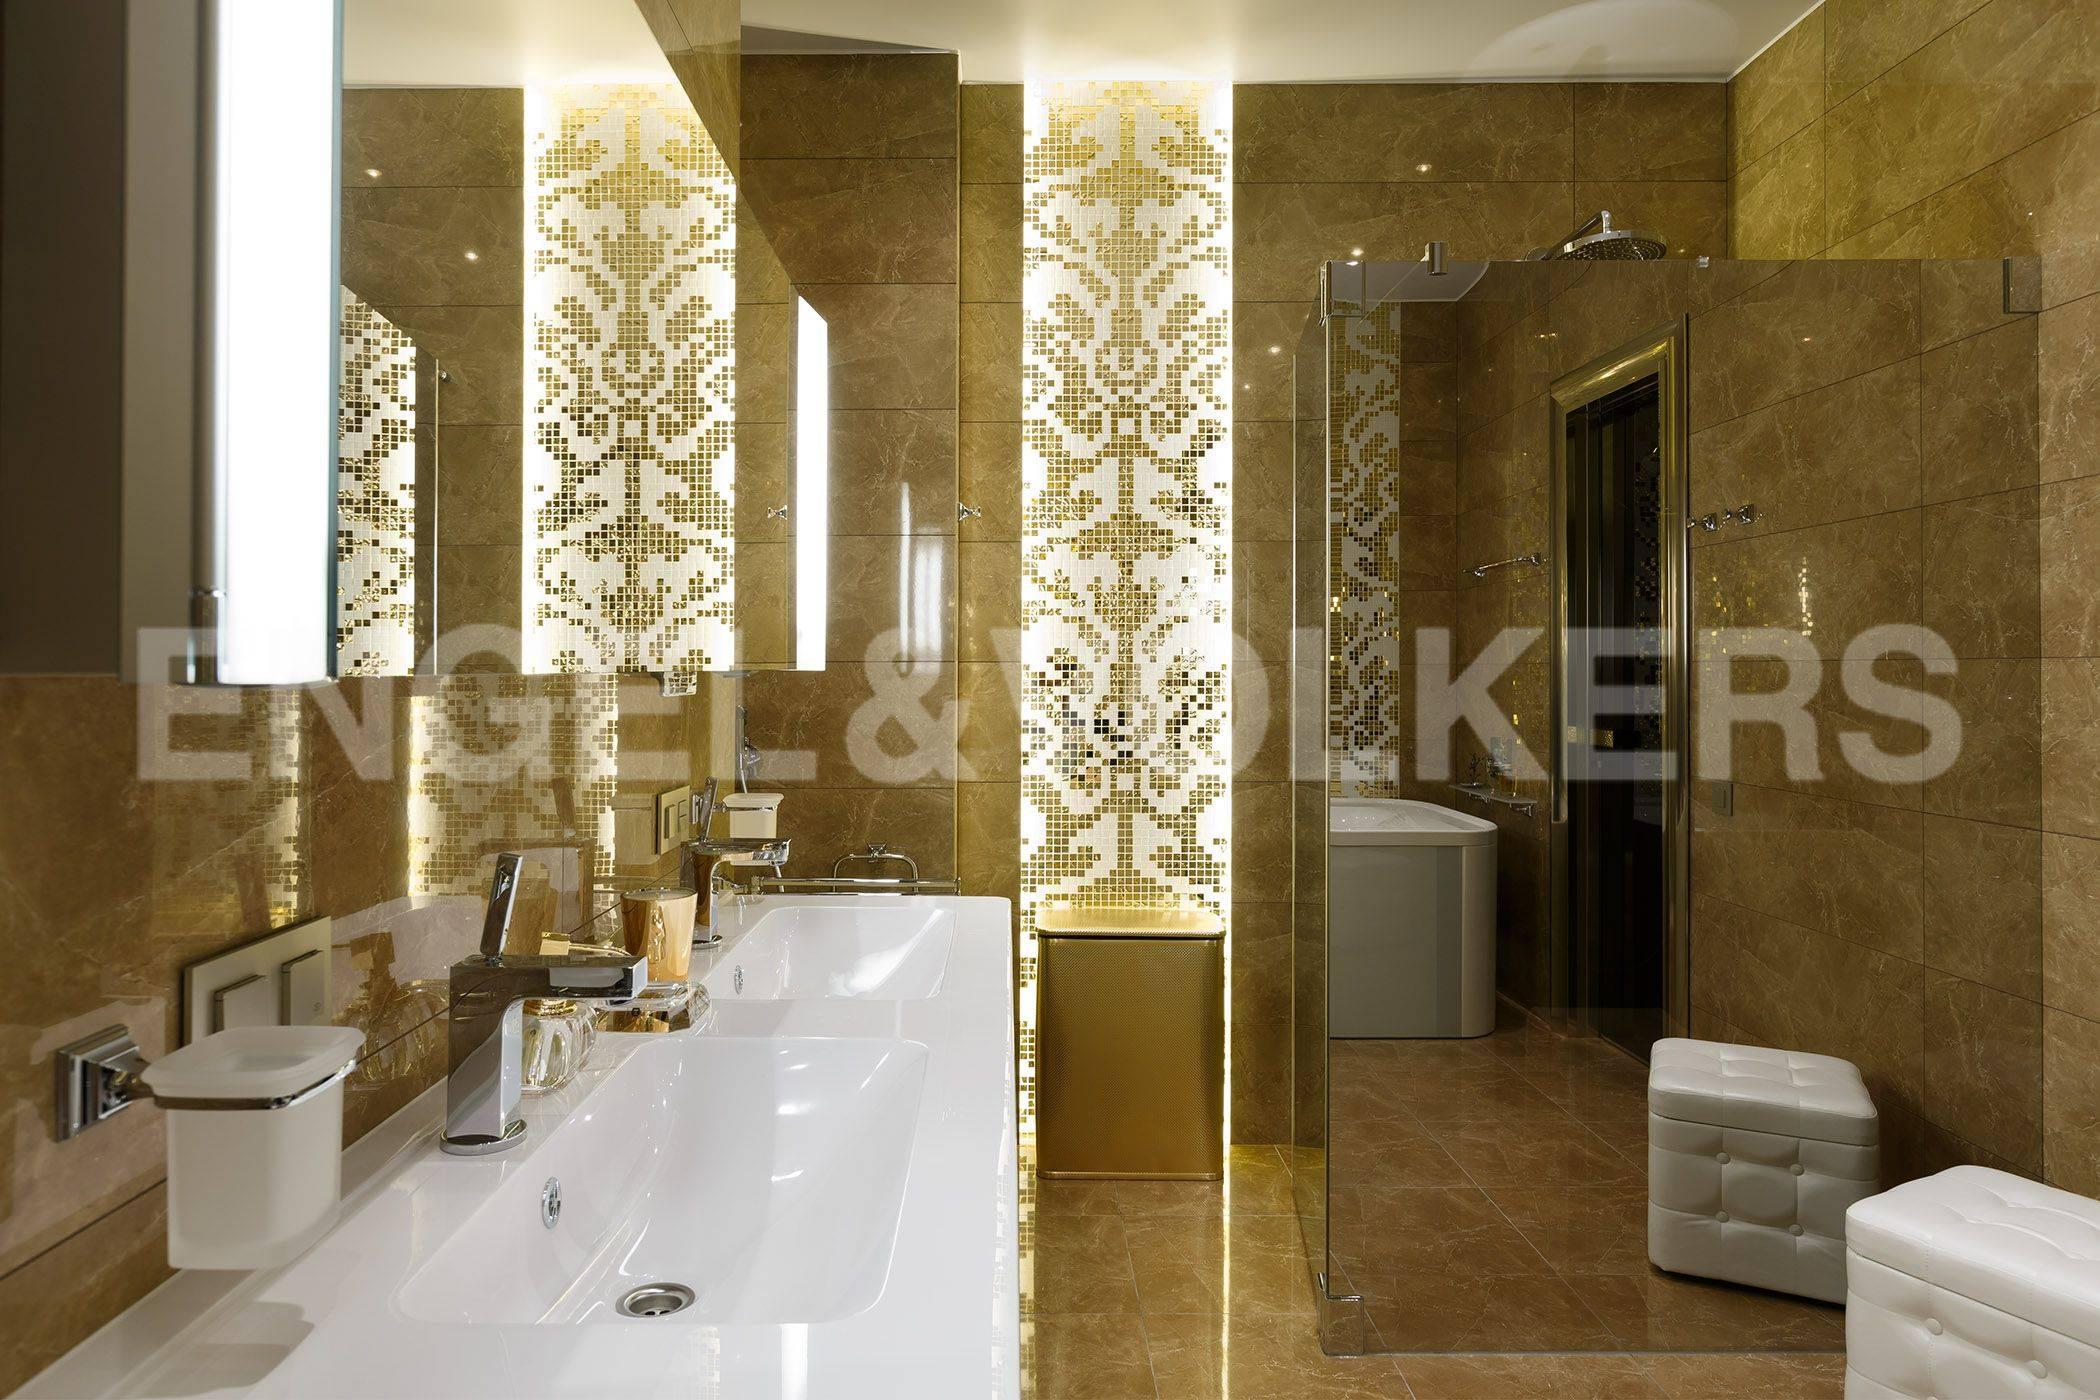 Элитные квартиры на . Санкт-Петербург, Константиновский, 23. Ванная комната